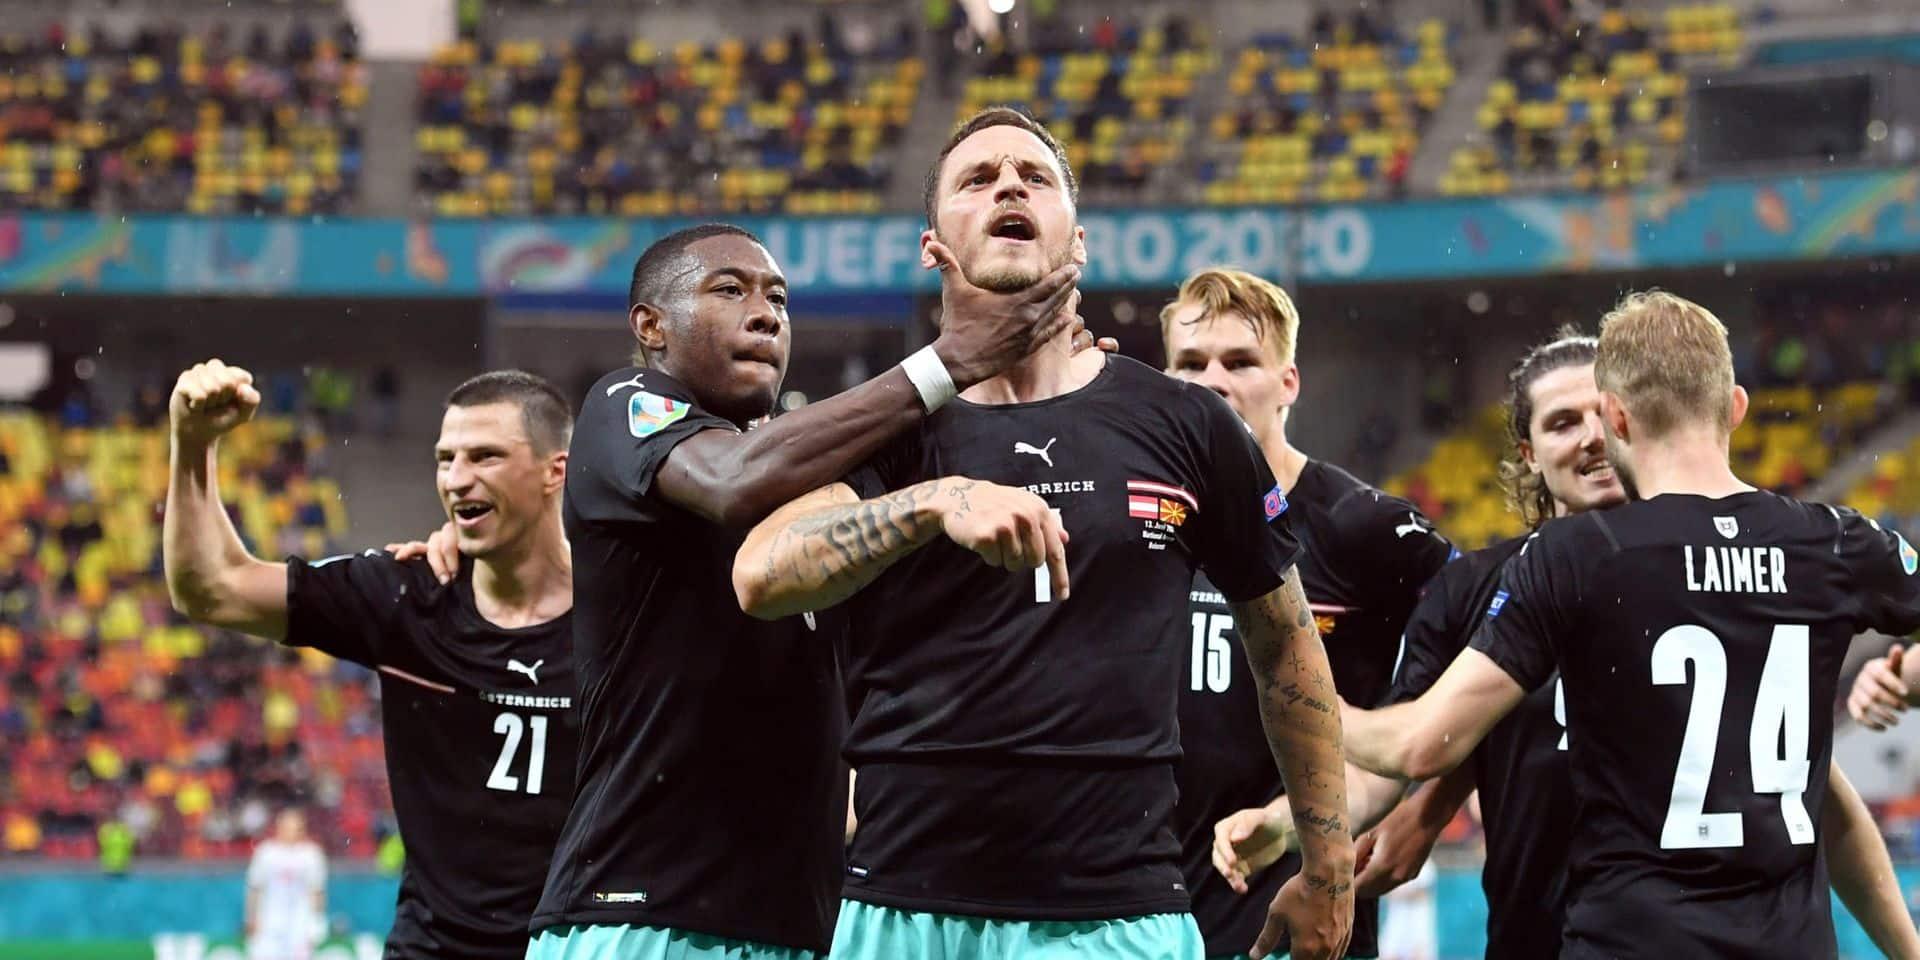 """Arnautovic nie avoir proféré des insultes racistes après son goal: """"C'était un échange houleux et émotionnel"""""""